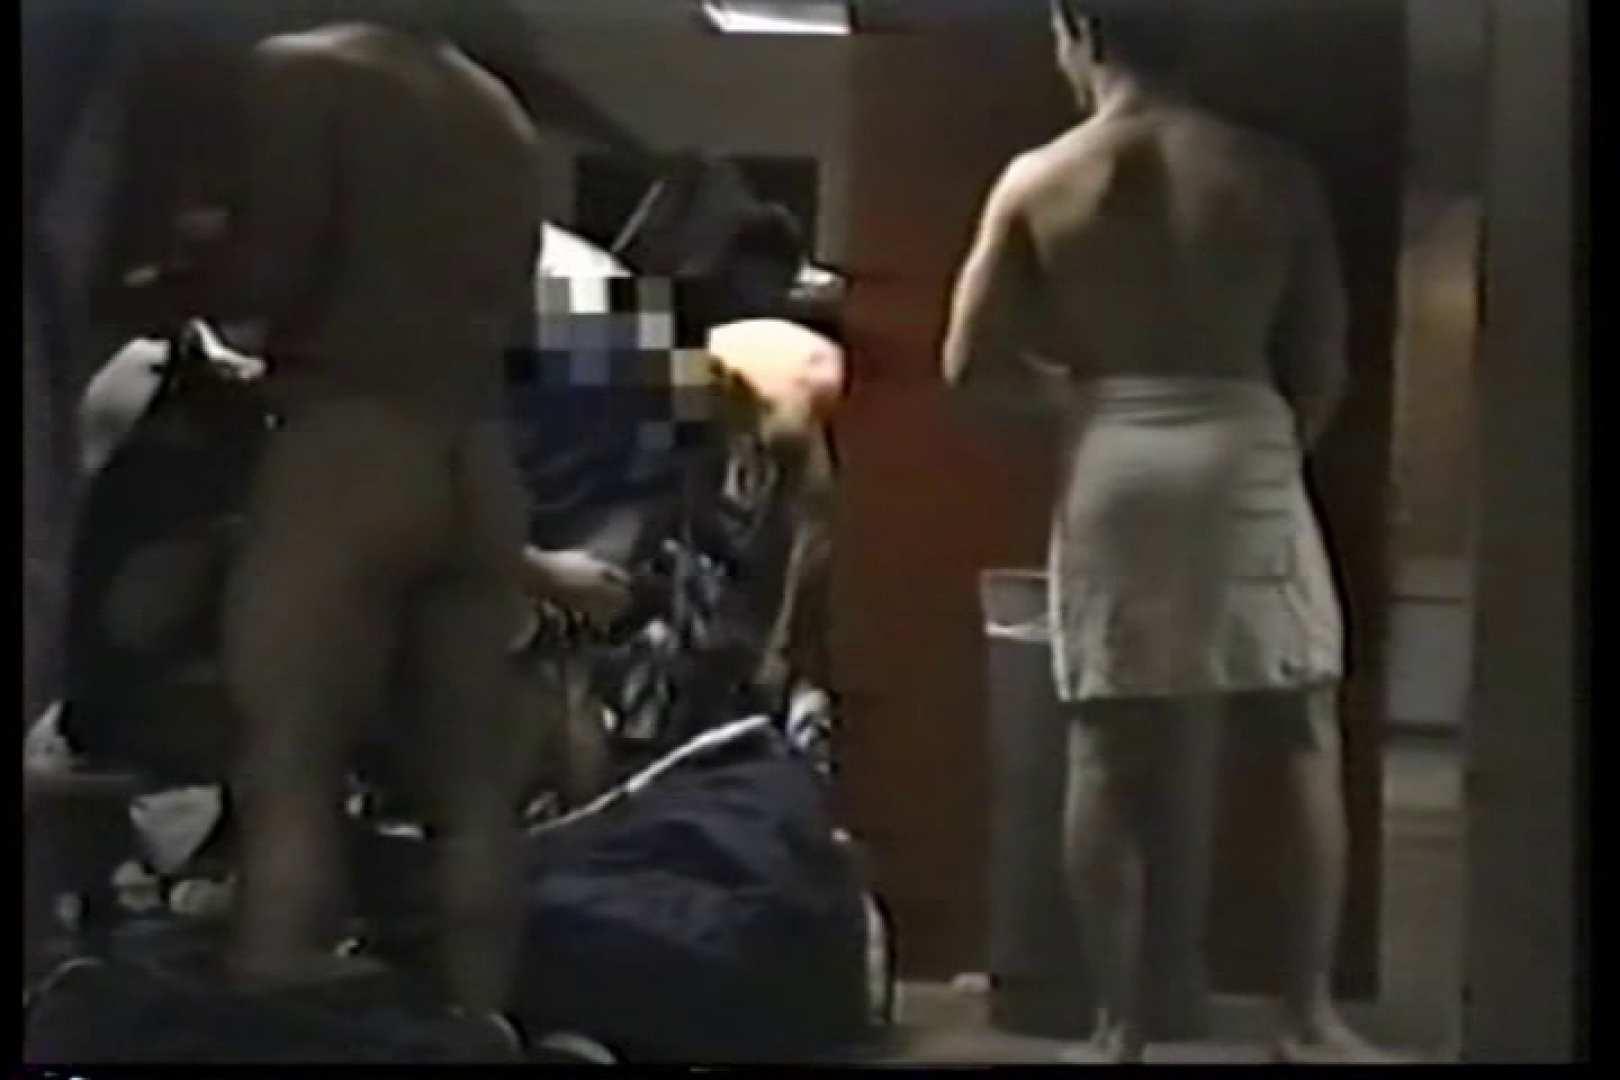 洋人さんの脱衣所を覗いてみました。VOL.3 男天国 | 0  109pic 27